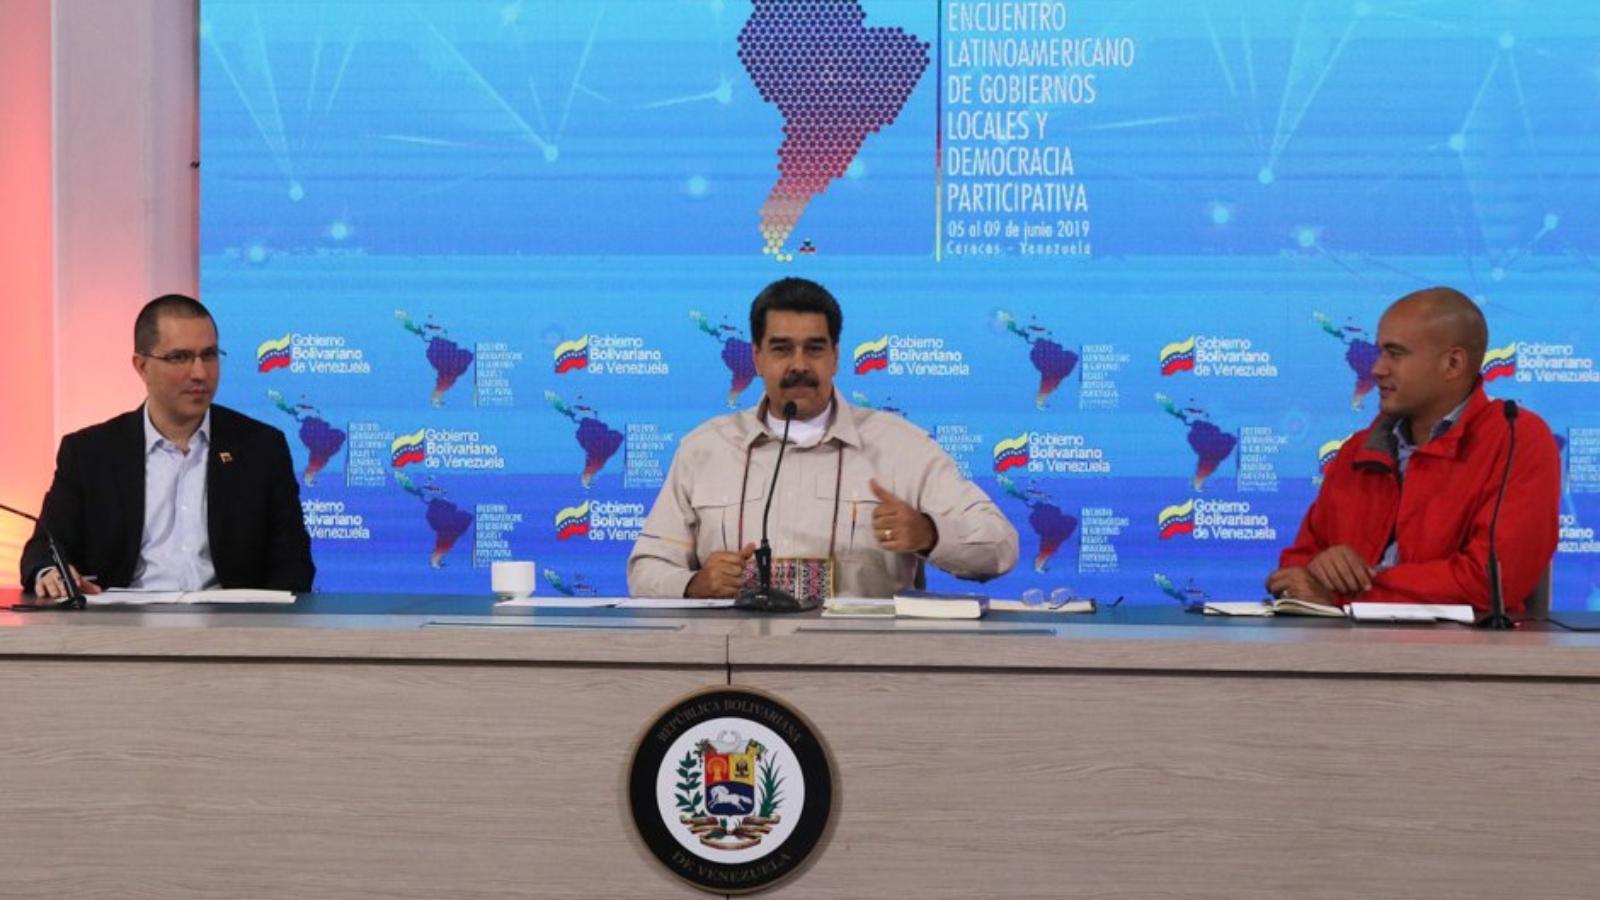 Venezuela exigirá visa a peruanos en reciprocidad